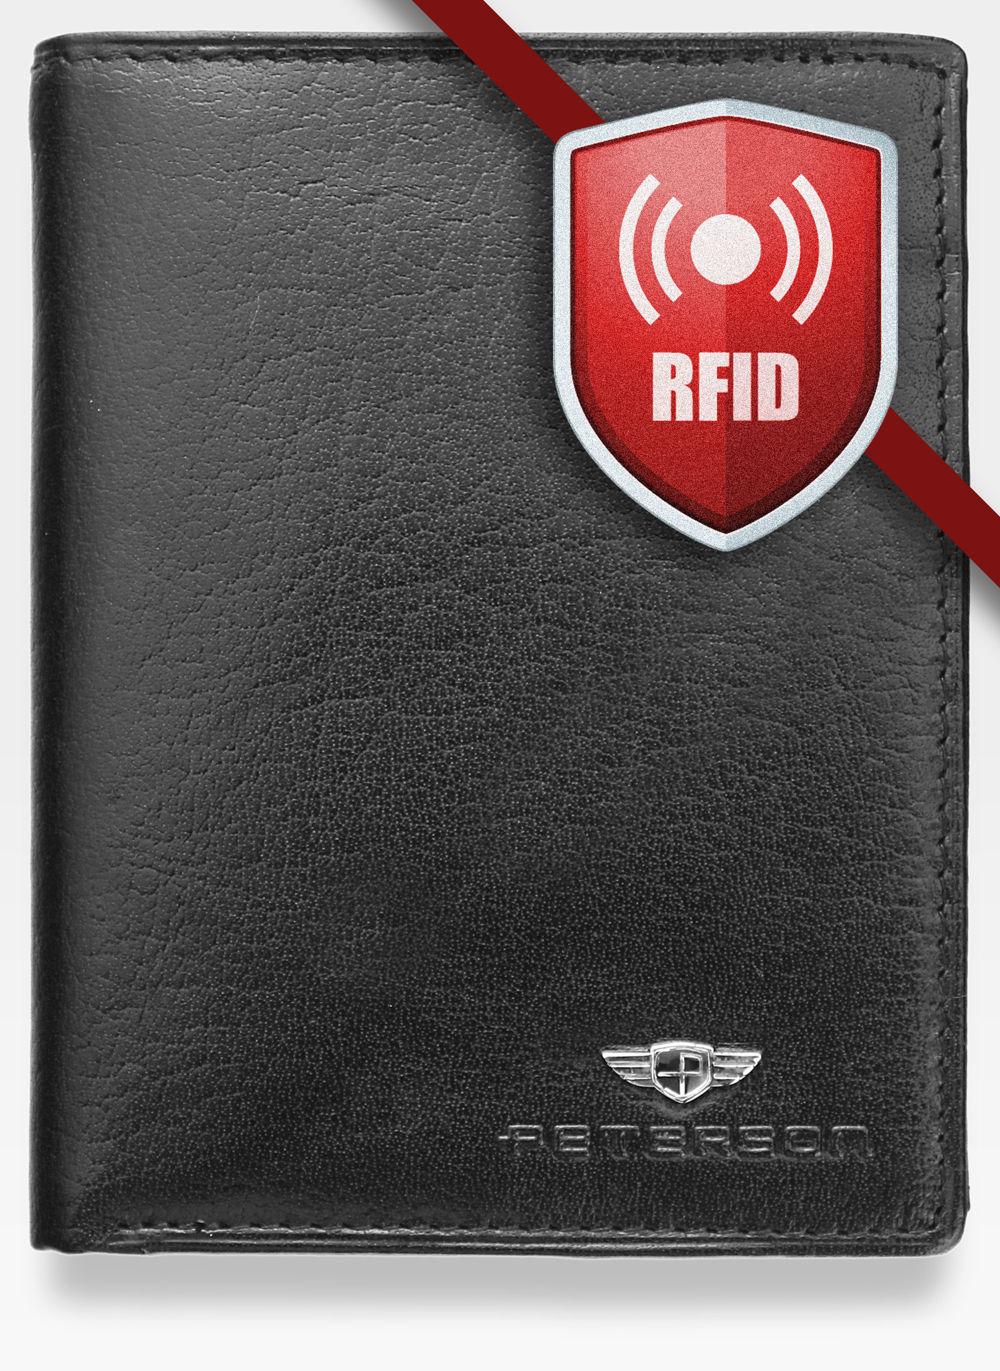 a2362a2927366 Portfel Męski Peterson Skórzany Czarny 350 RFID STOP 350 2-1-1 RFID ...